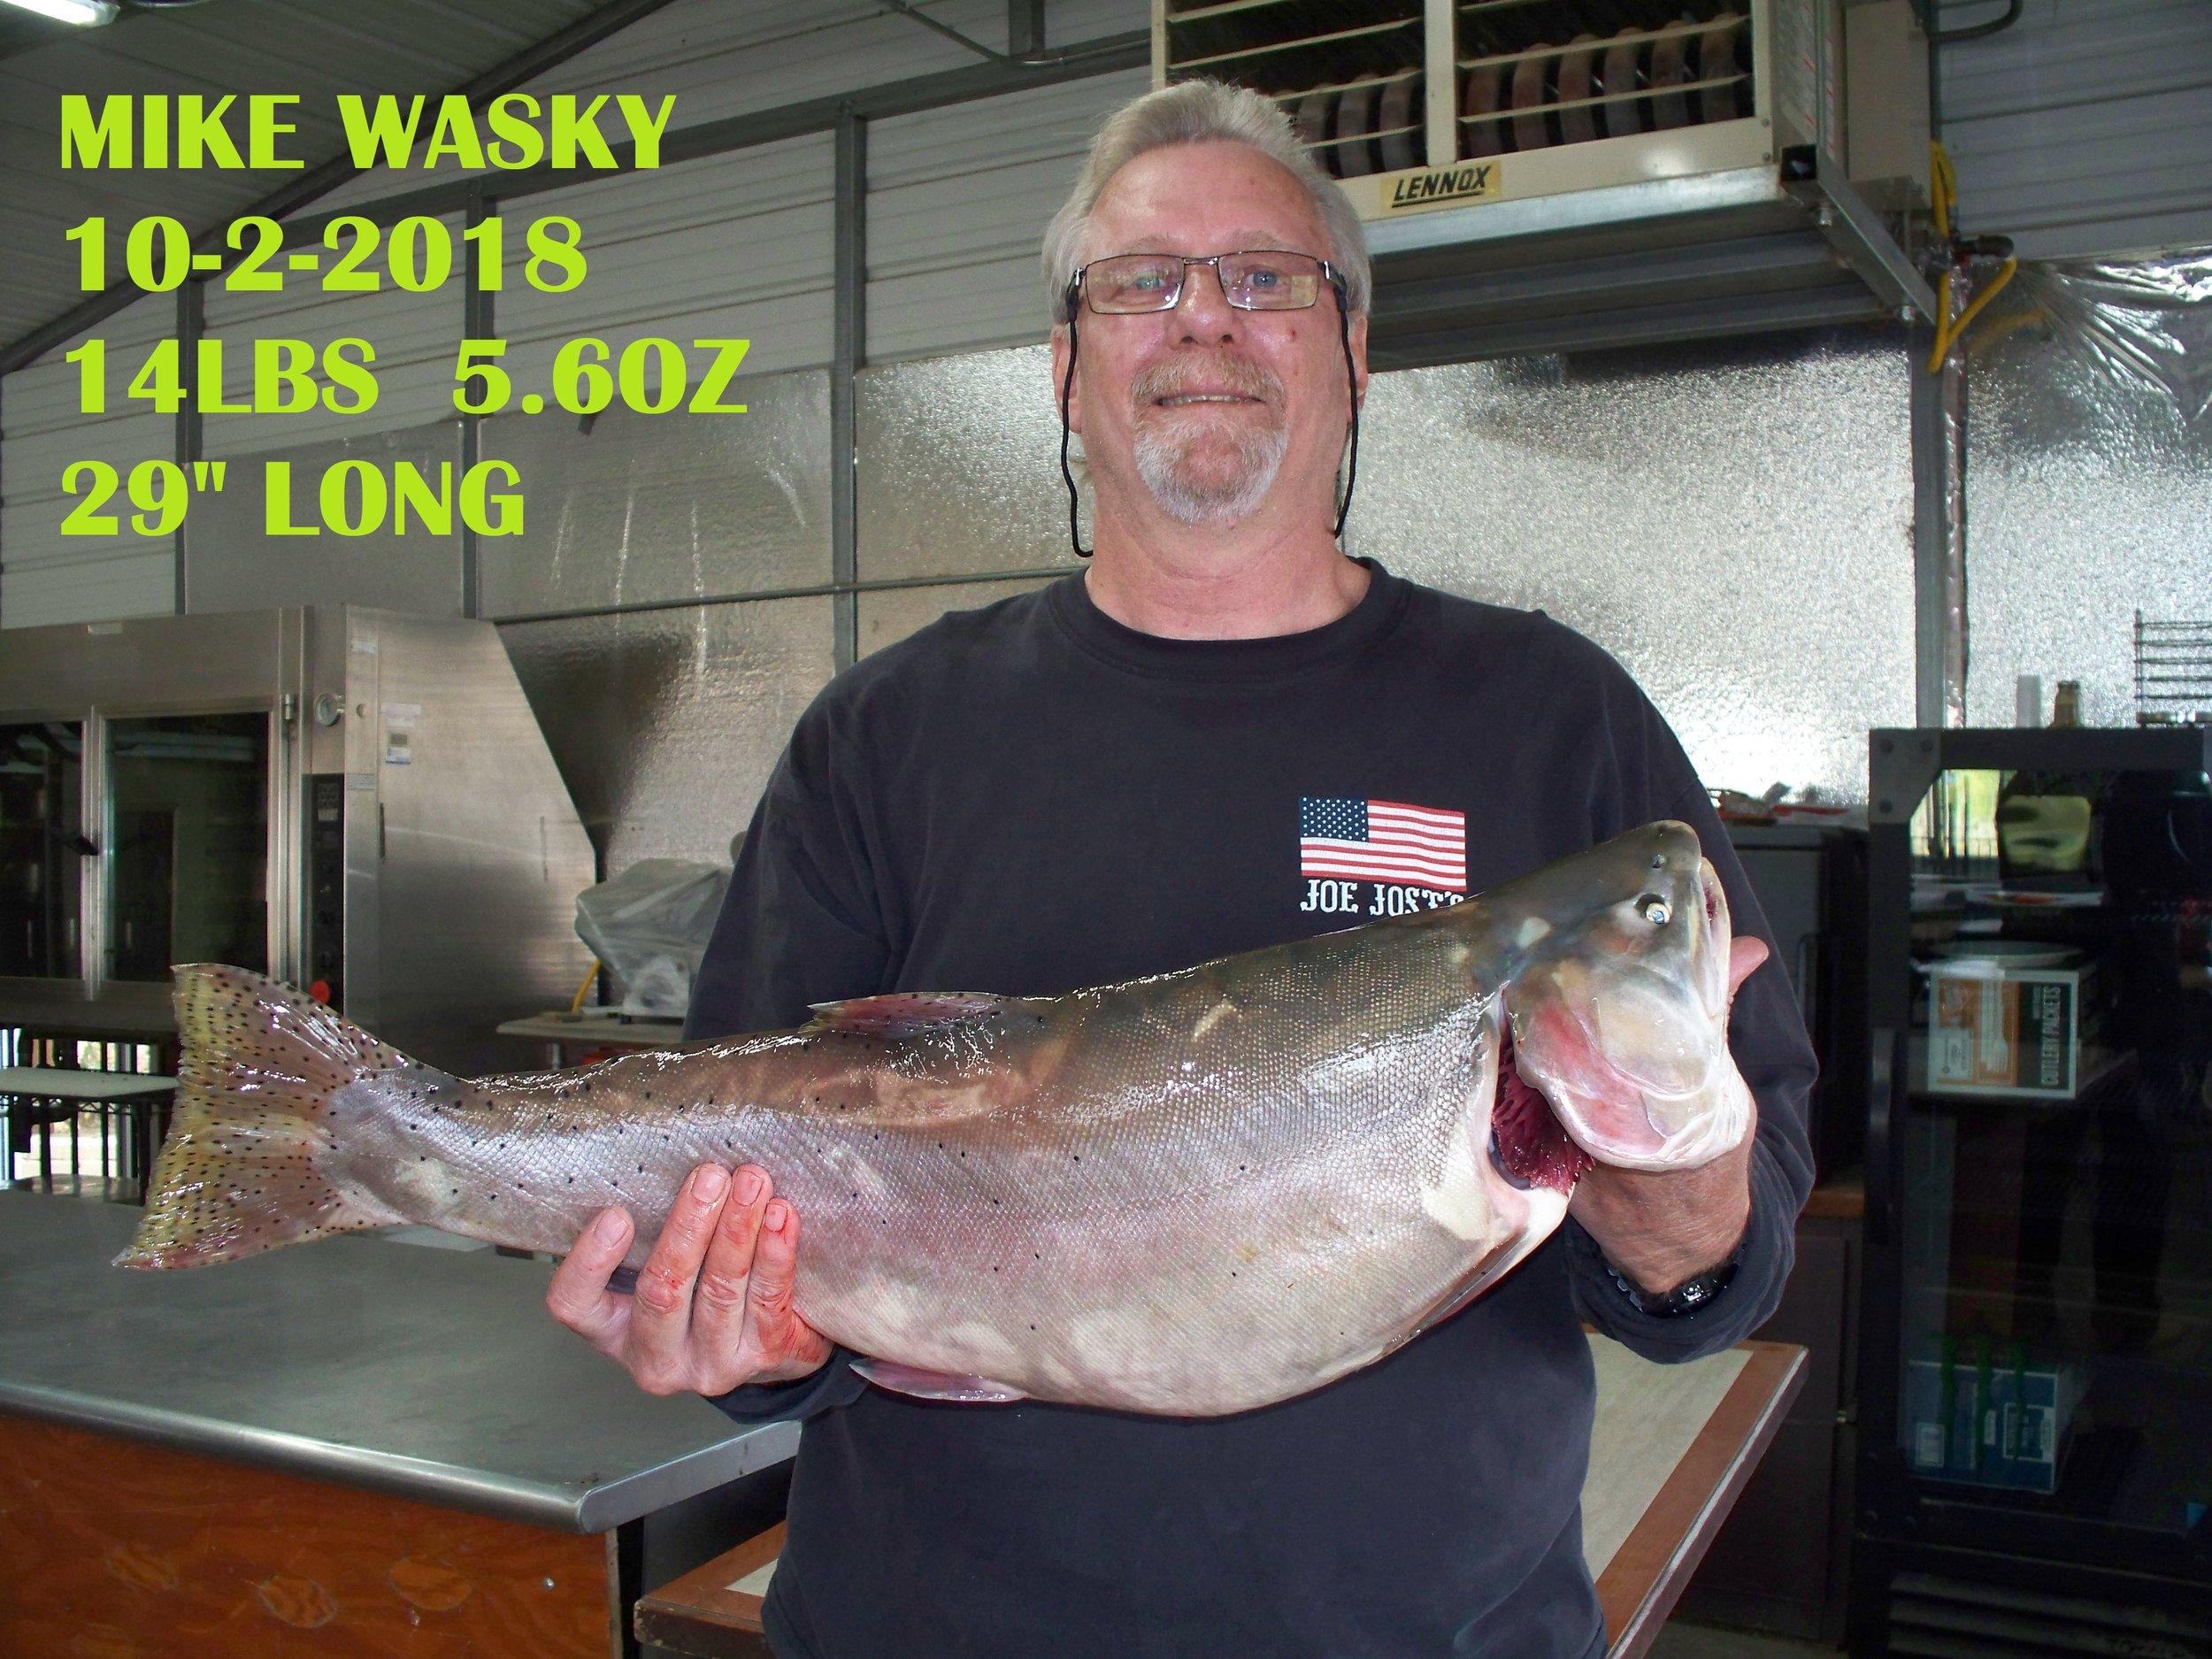 MIKE WASKY 10-2-18.jpg